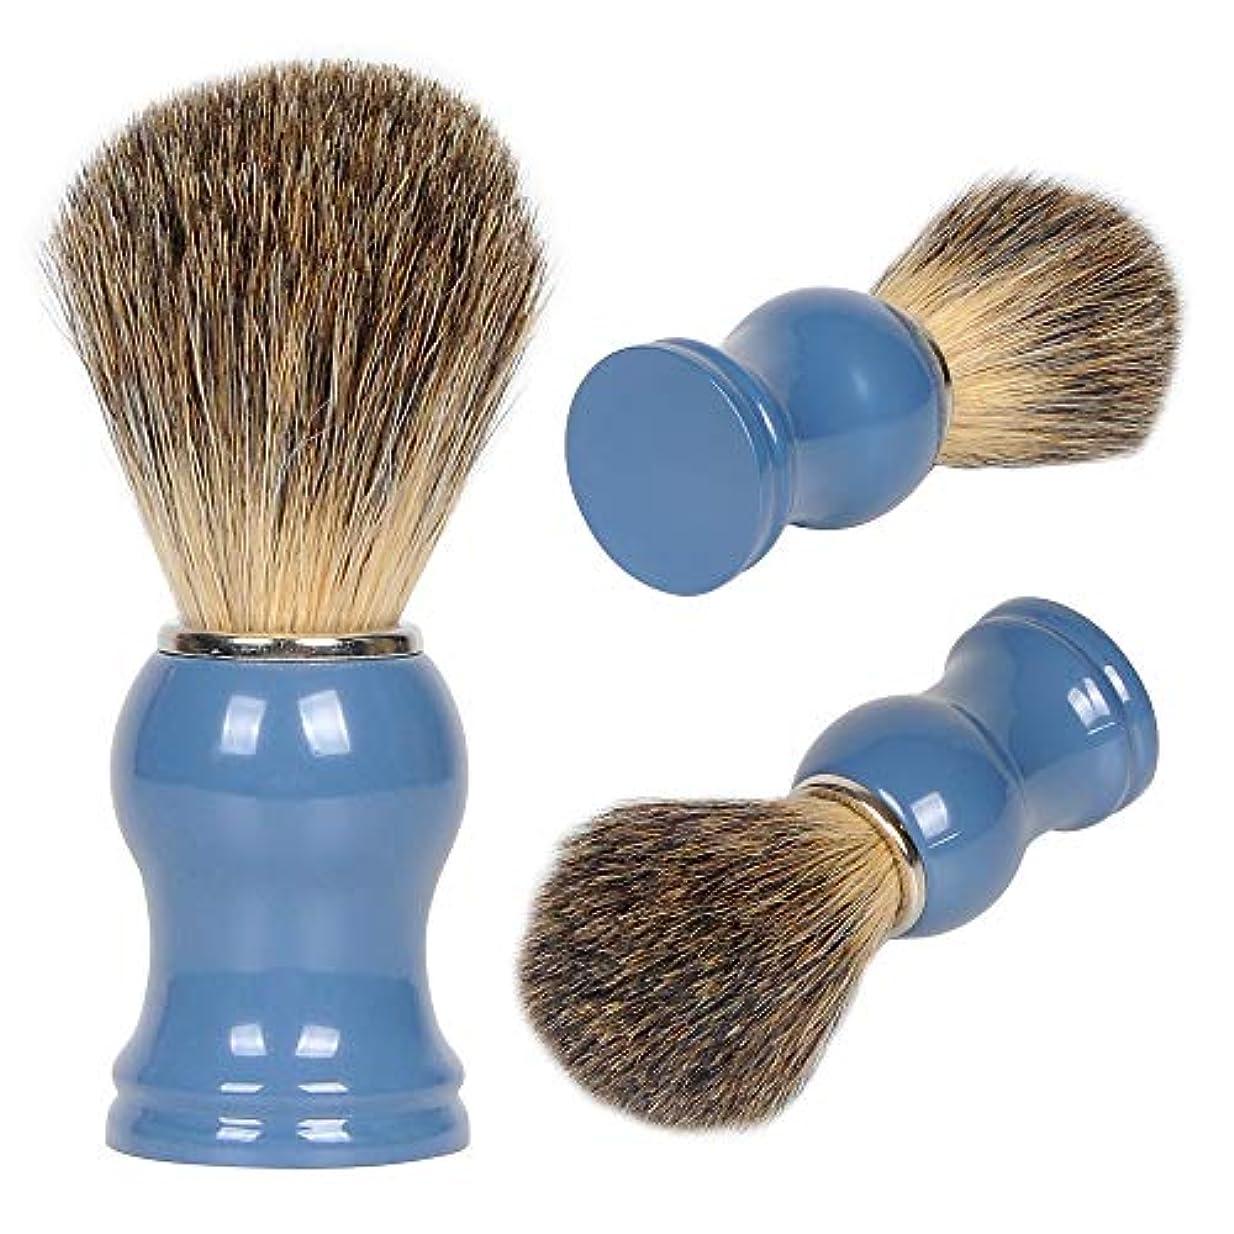 ジョットディボンドンクリケットジェット1by1 ひげブラシ シェービングブラシセット シェービング石鹸ボウル 理容 髭剃り 泡立ち 洗顔ブラシ メンズ 100% アナグマ毛(2点セット ブルー)